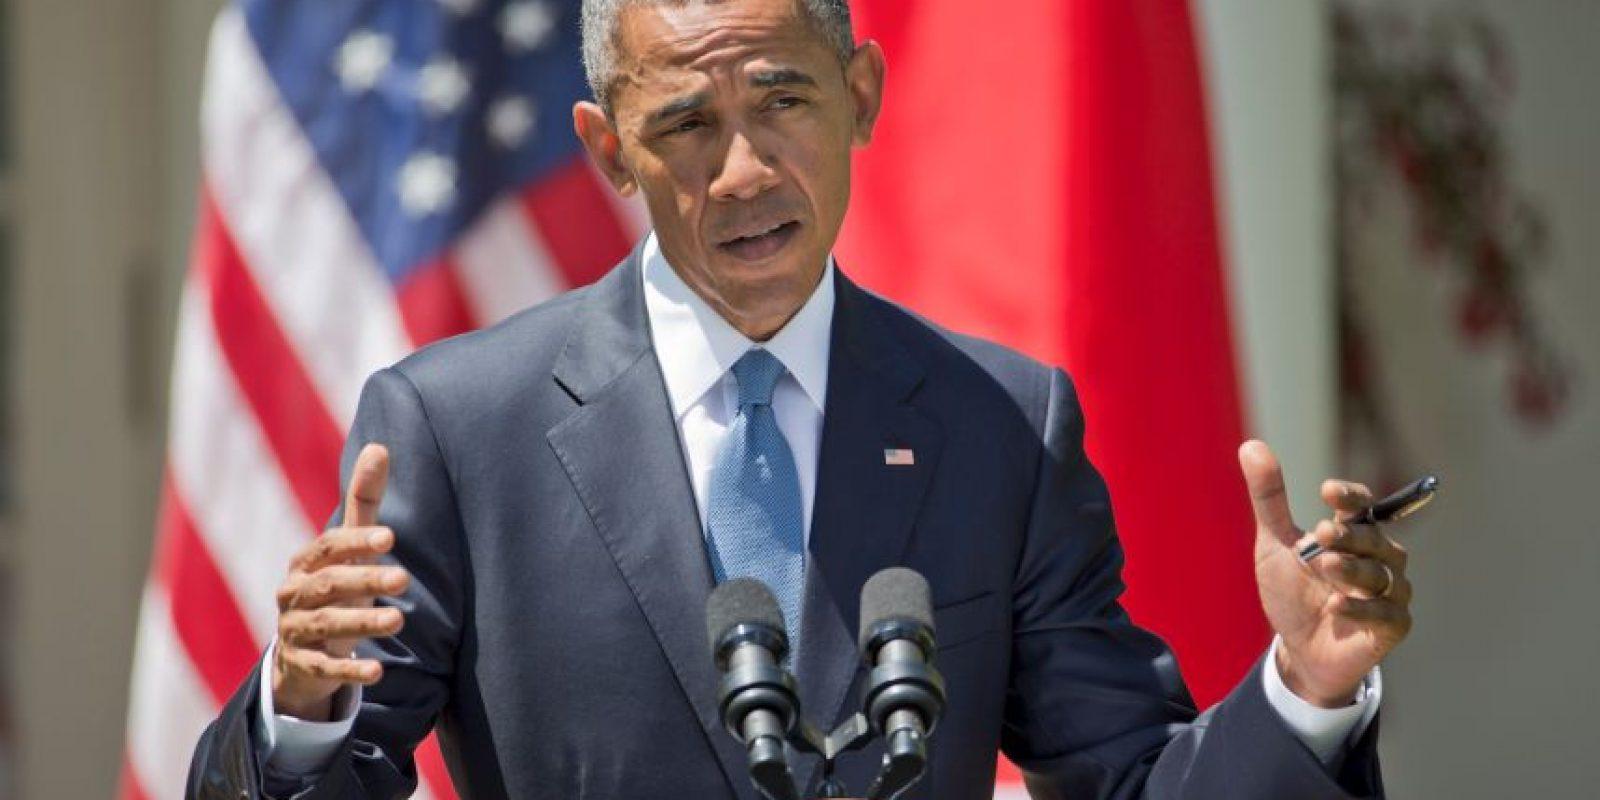 El presidente estadounidense Barack Obama dijo que la muerte de varios negros a manos de policías es una crisis que se desenvuelve lentamente. Foto:AP